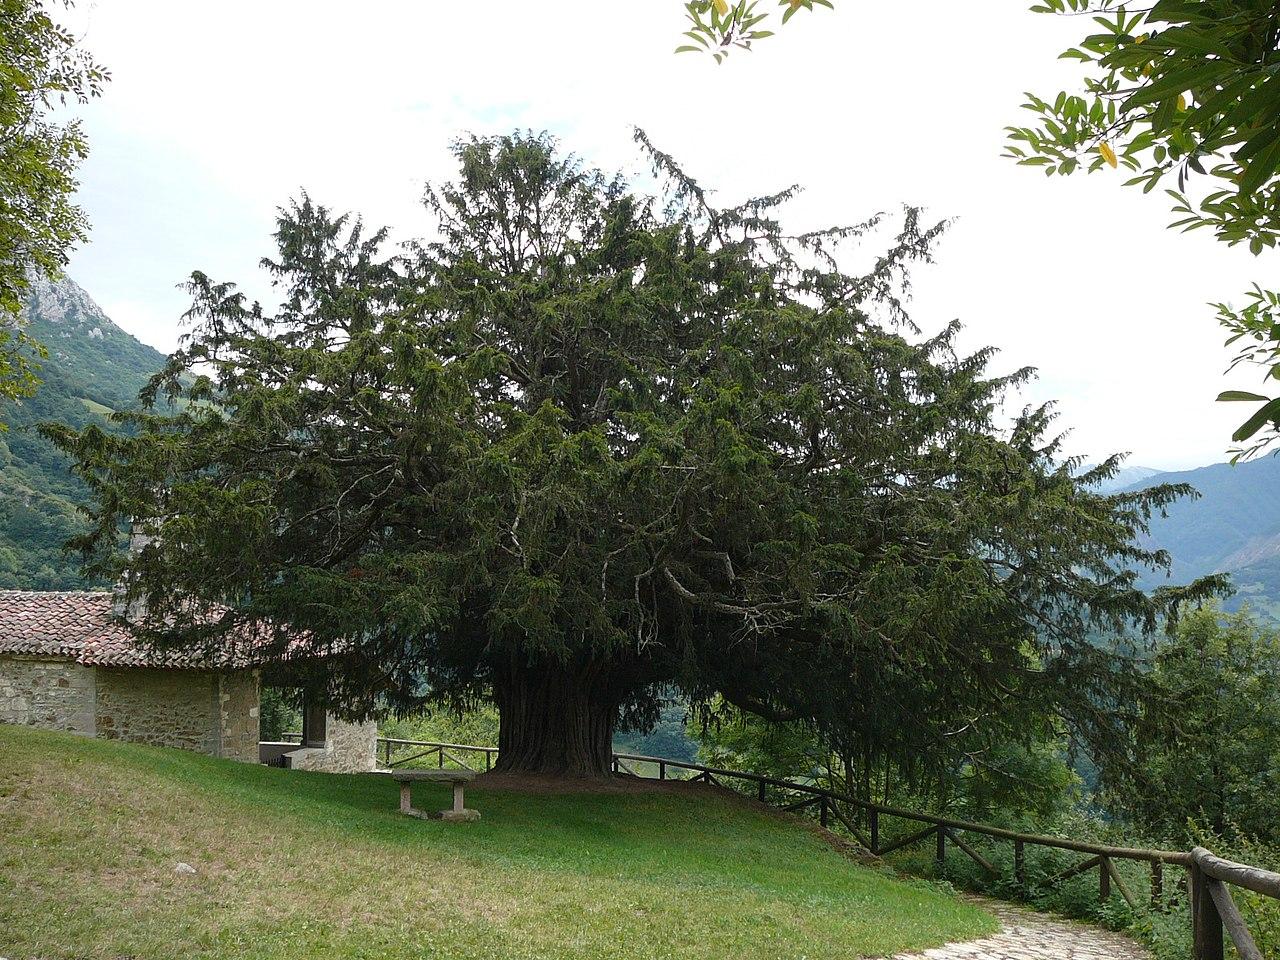 Tejo de Bermiego, en Quirós (Asturias), que está considerado el más antiguo de España: se calcula que tiene más de 2.000 años. Fue declarado Monumento Natural en 1995.